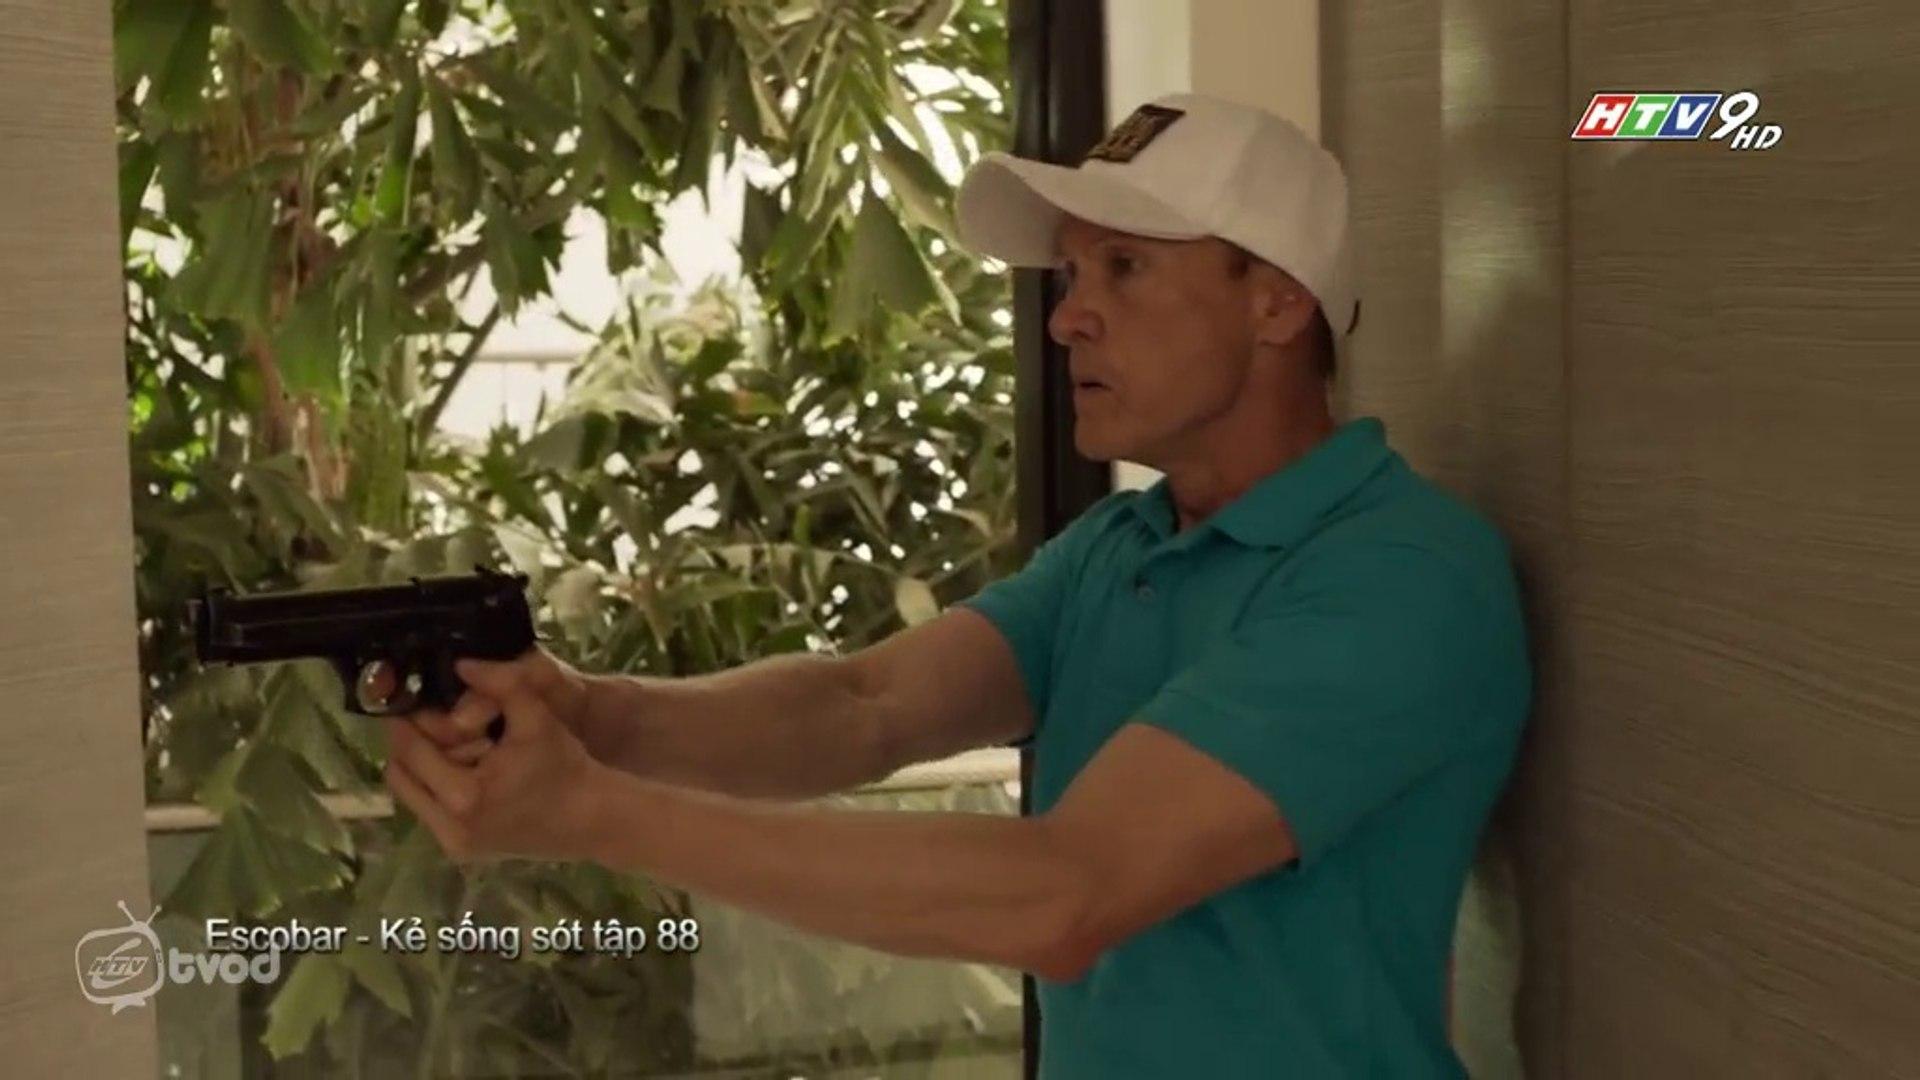 Kẻ Sống Xót Tập 88 (Thuyết Minh) - Phim Colombia (Hành Động)